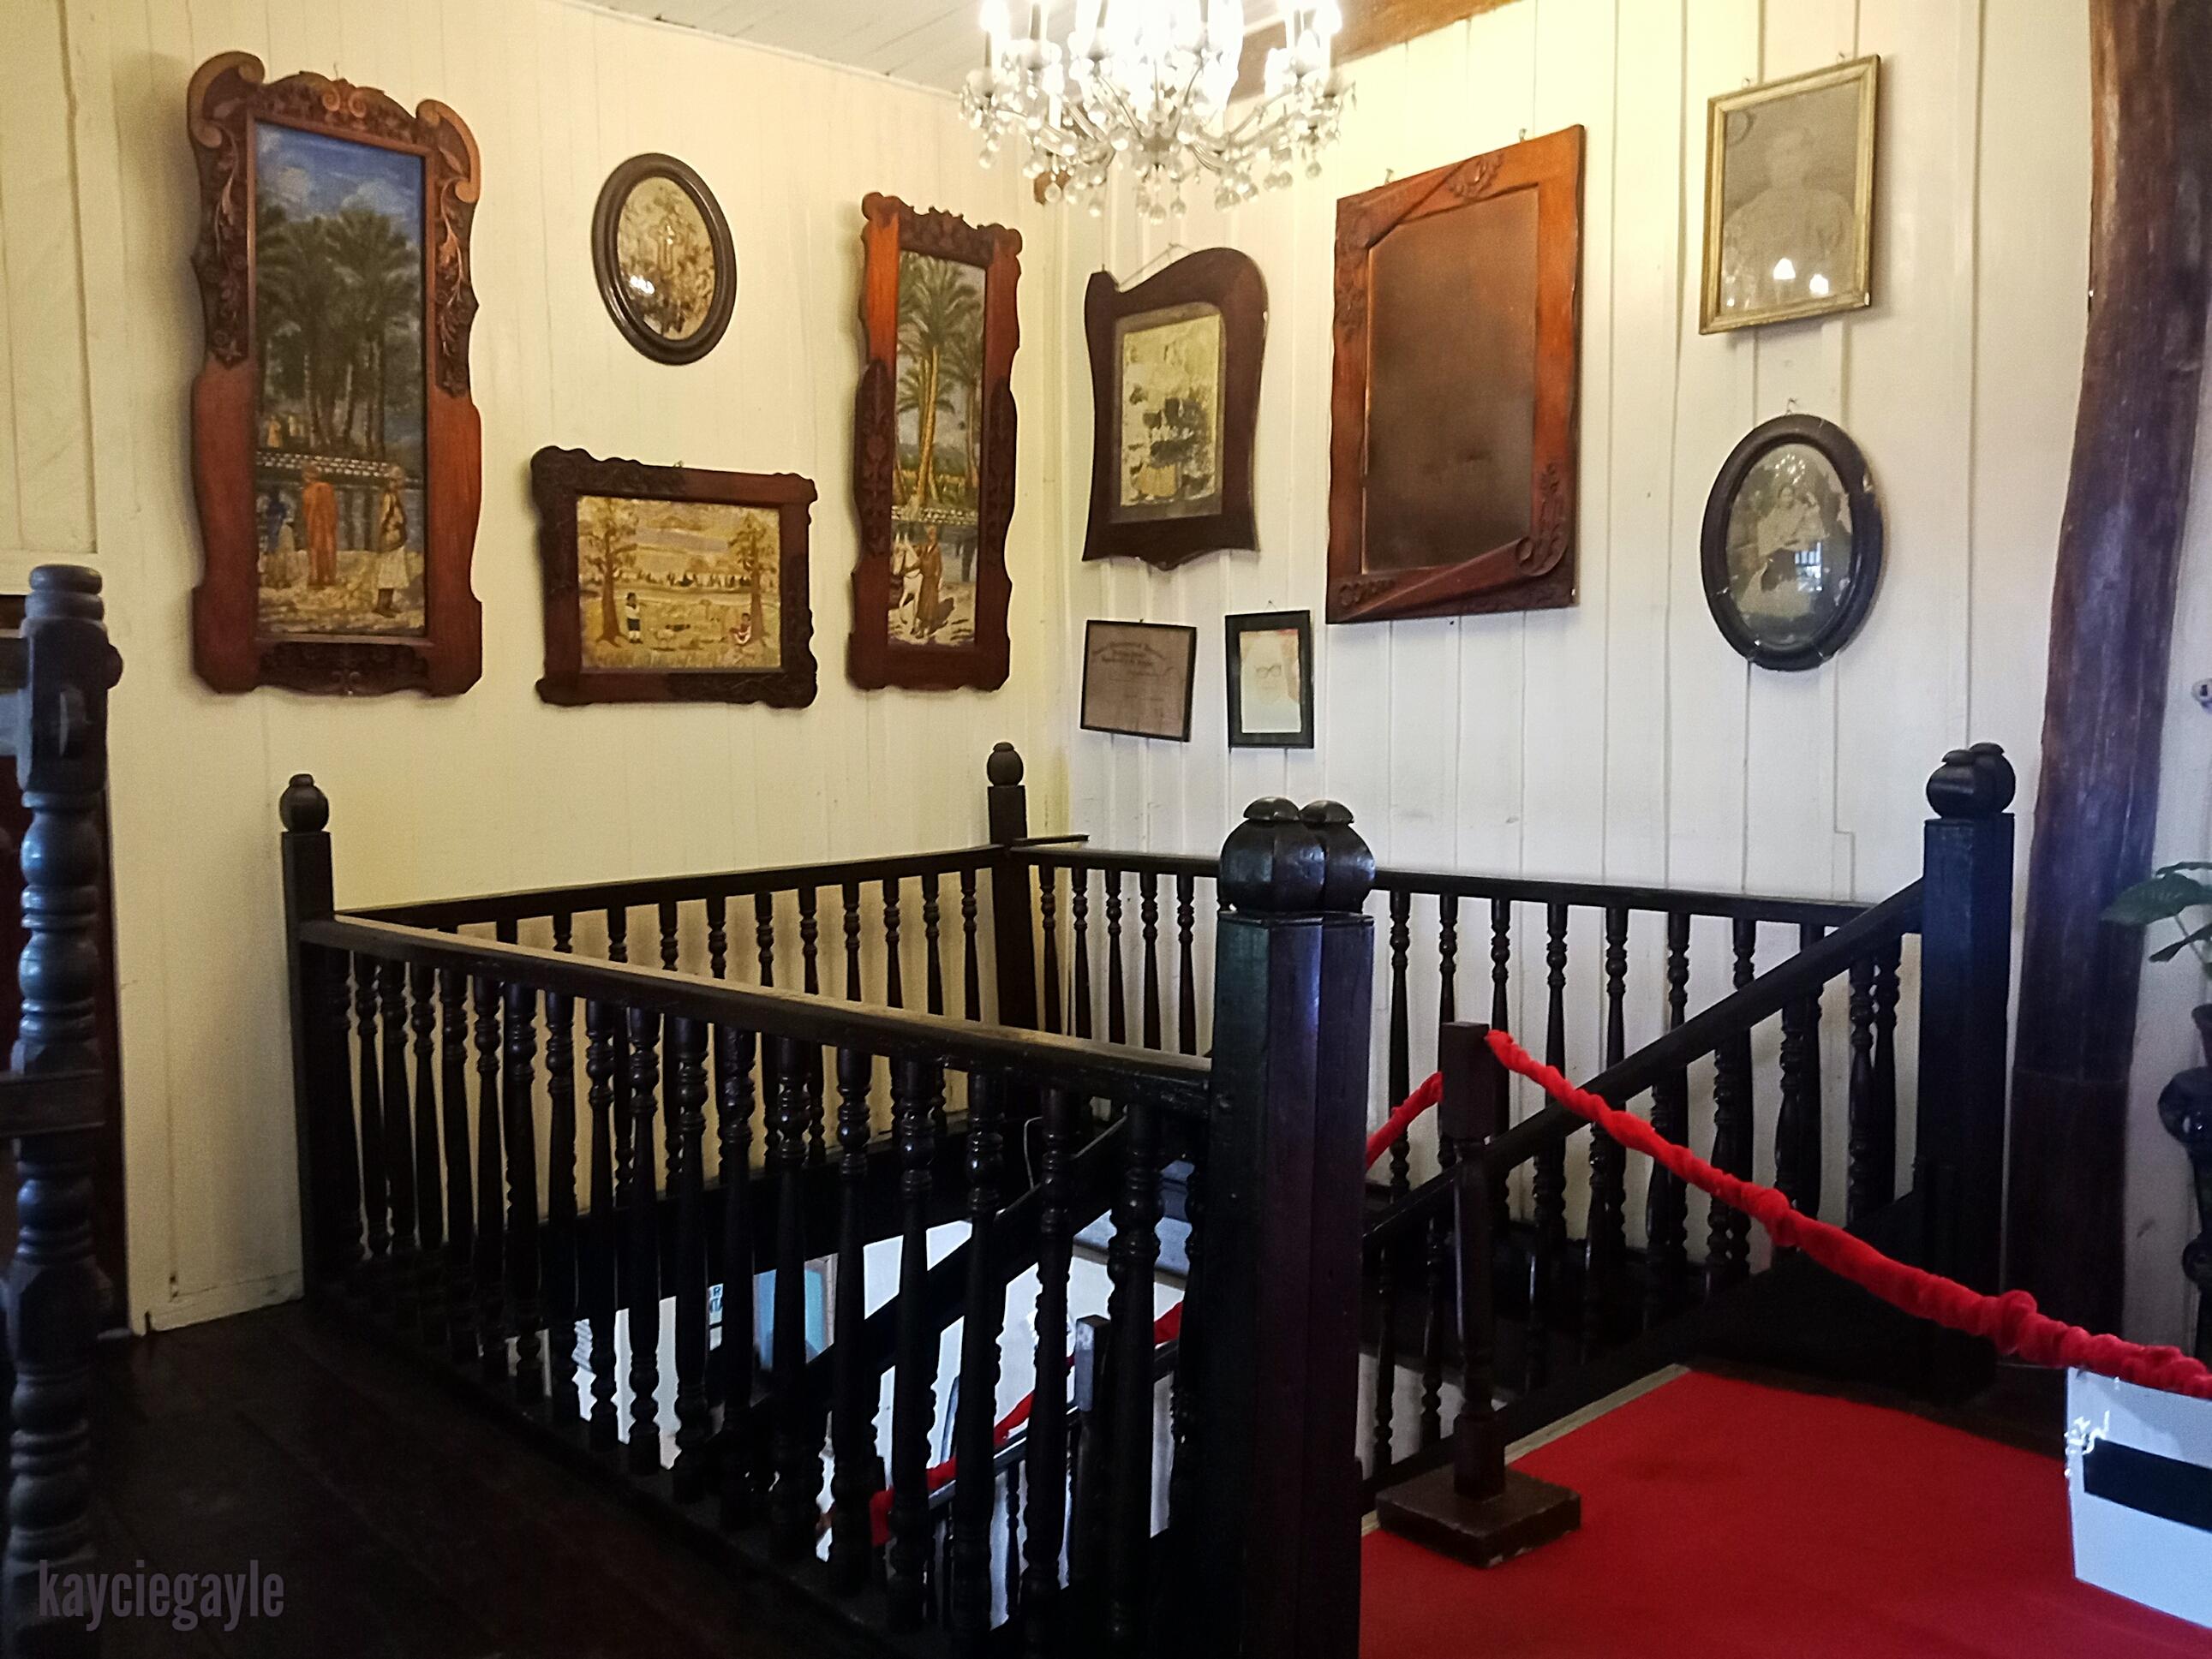 Crisologo Museum Vigan Ilocos Sur Philippines Stairs